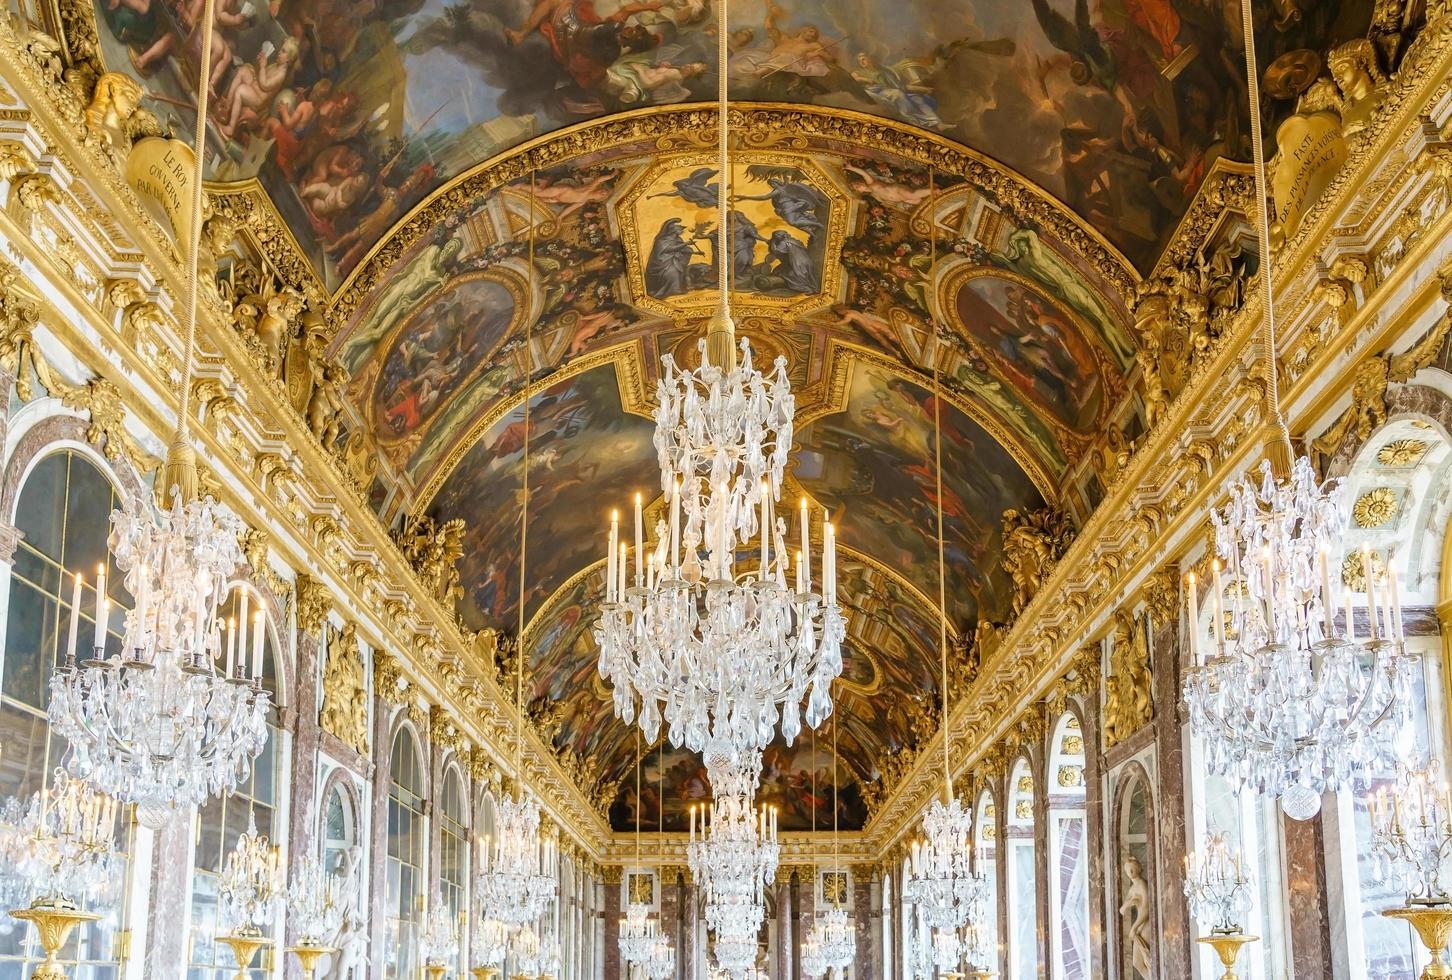 la sala degli specchi del palazzo reale di versailles in francia foto